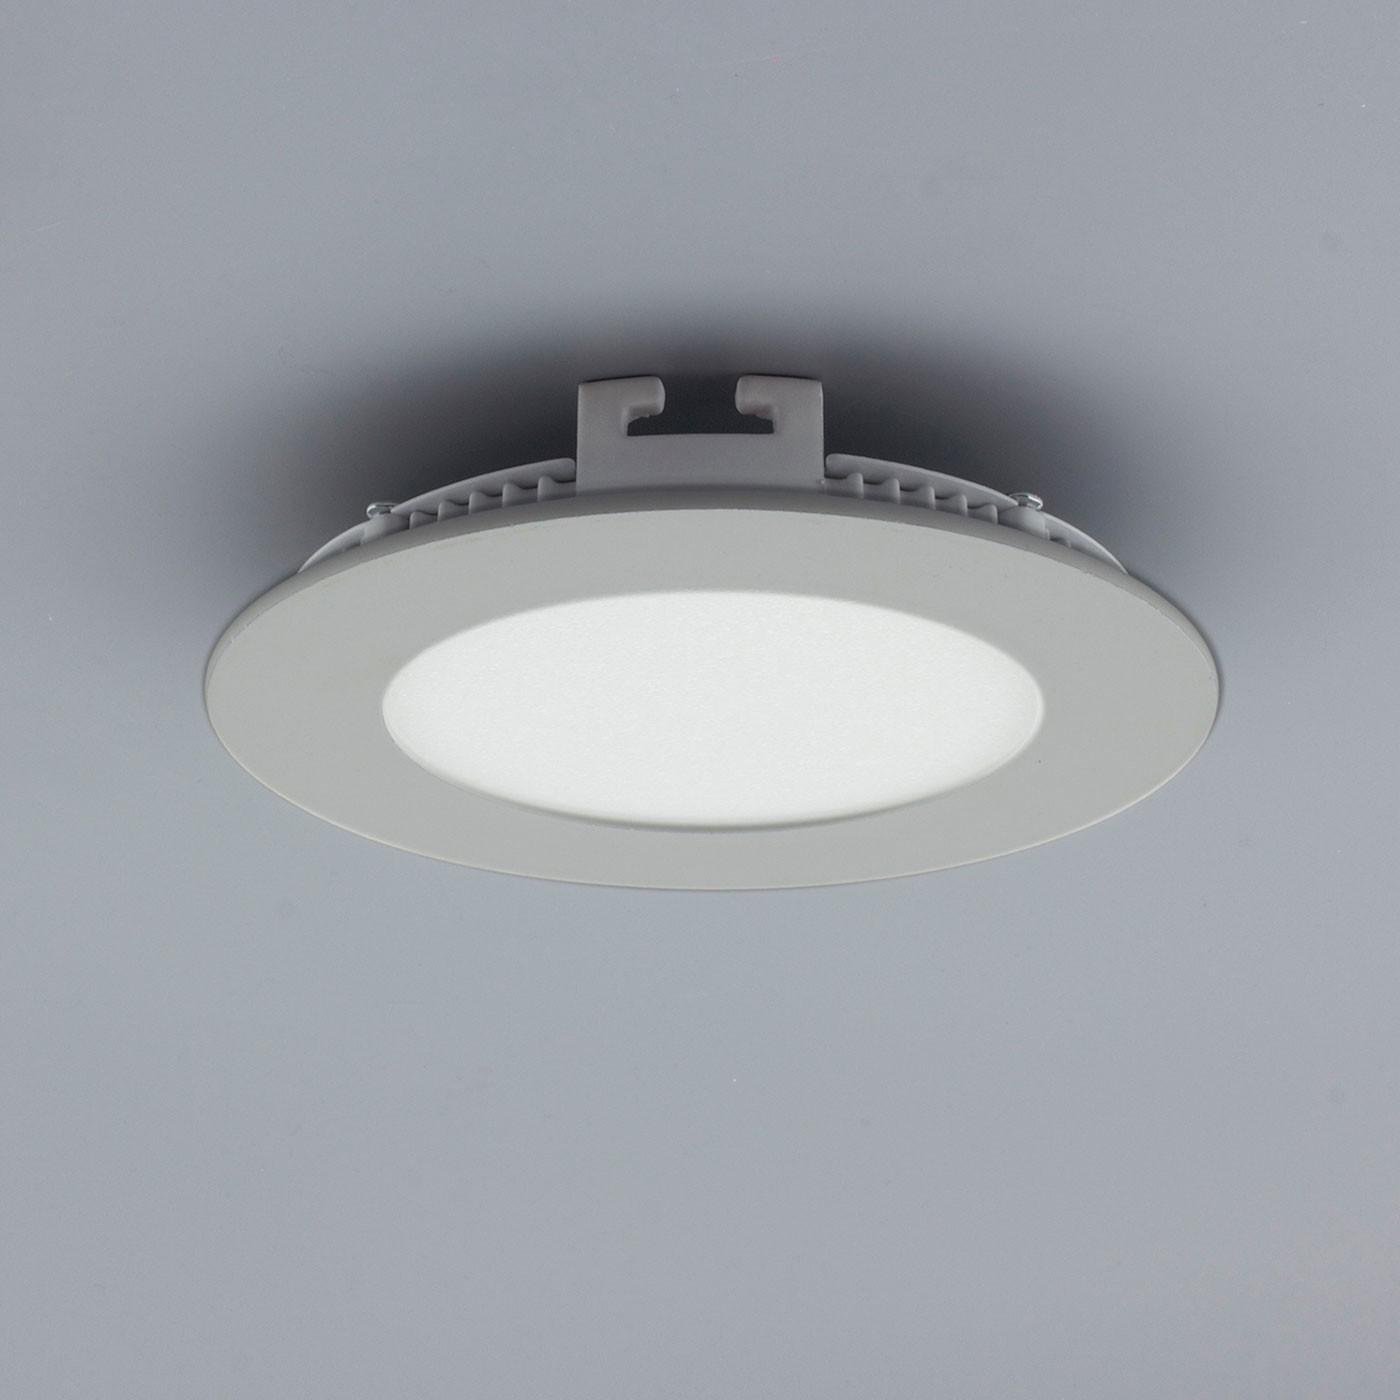 licht design 30841 einbau led panel 200 lumen dimmbar 9 cm kalt silber kaufen bei. Black Bedroom Furniture Sets. Home Design Ideas